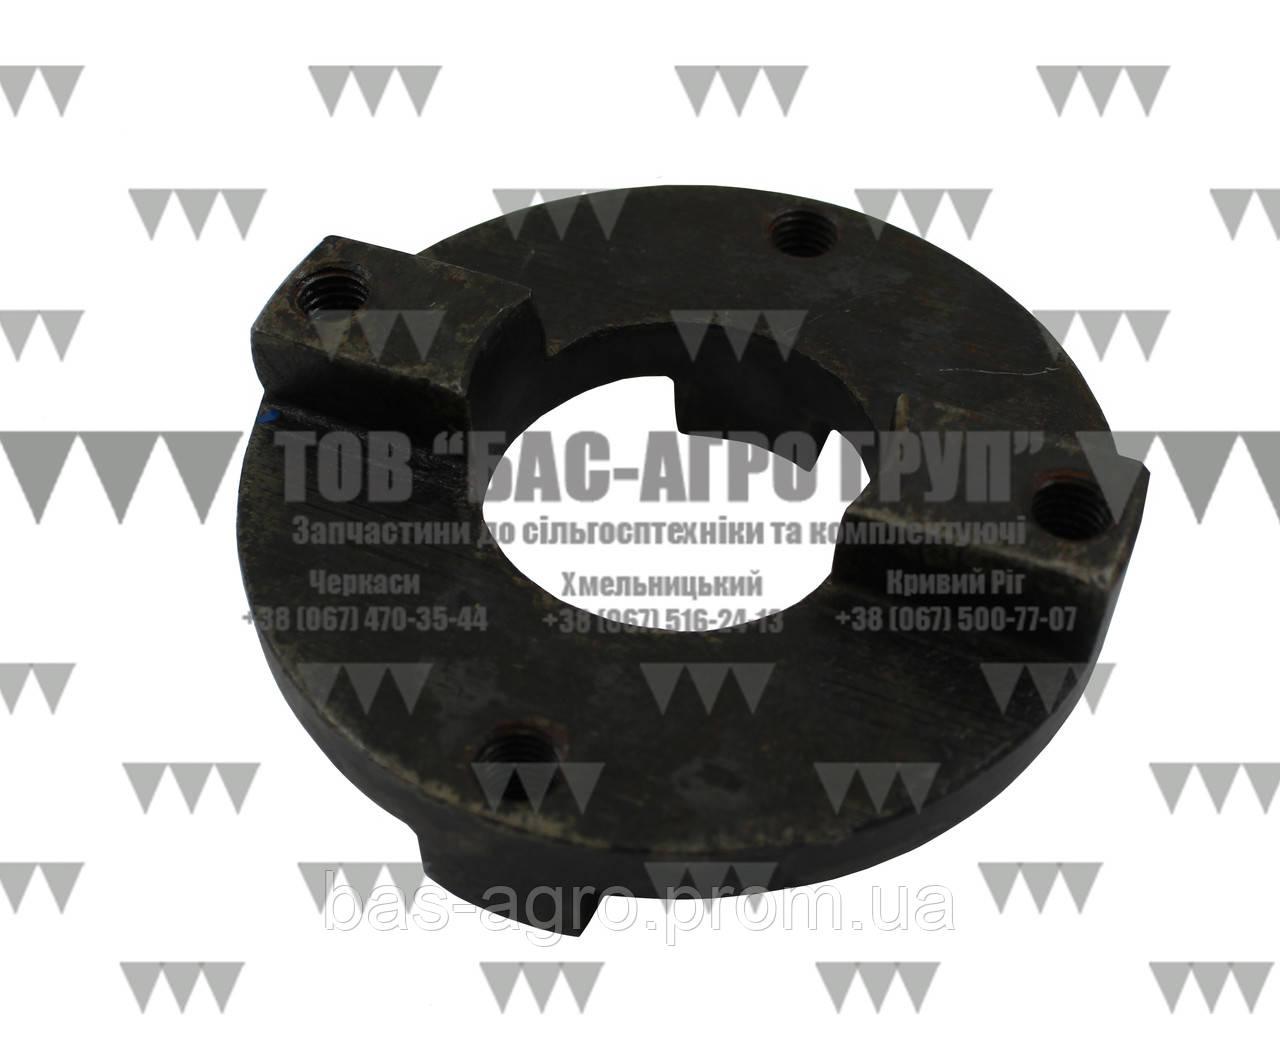 Промежуточный диск 911848.1 Claas аналог